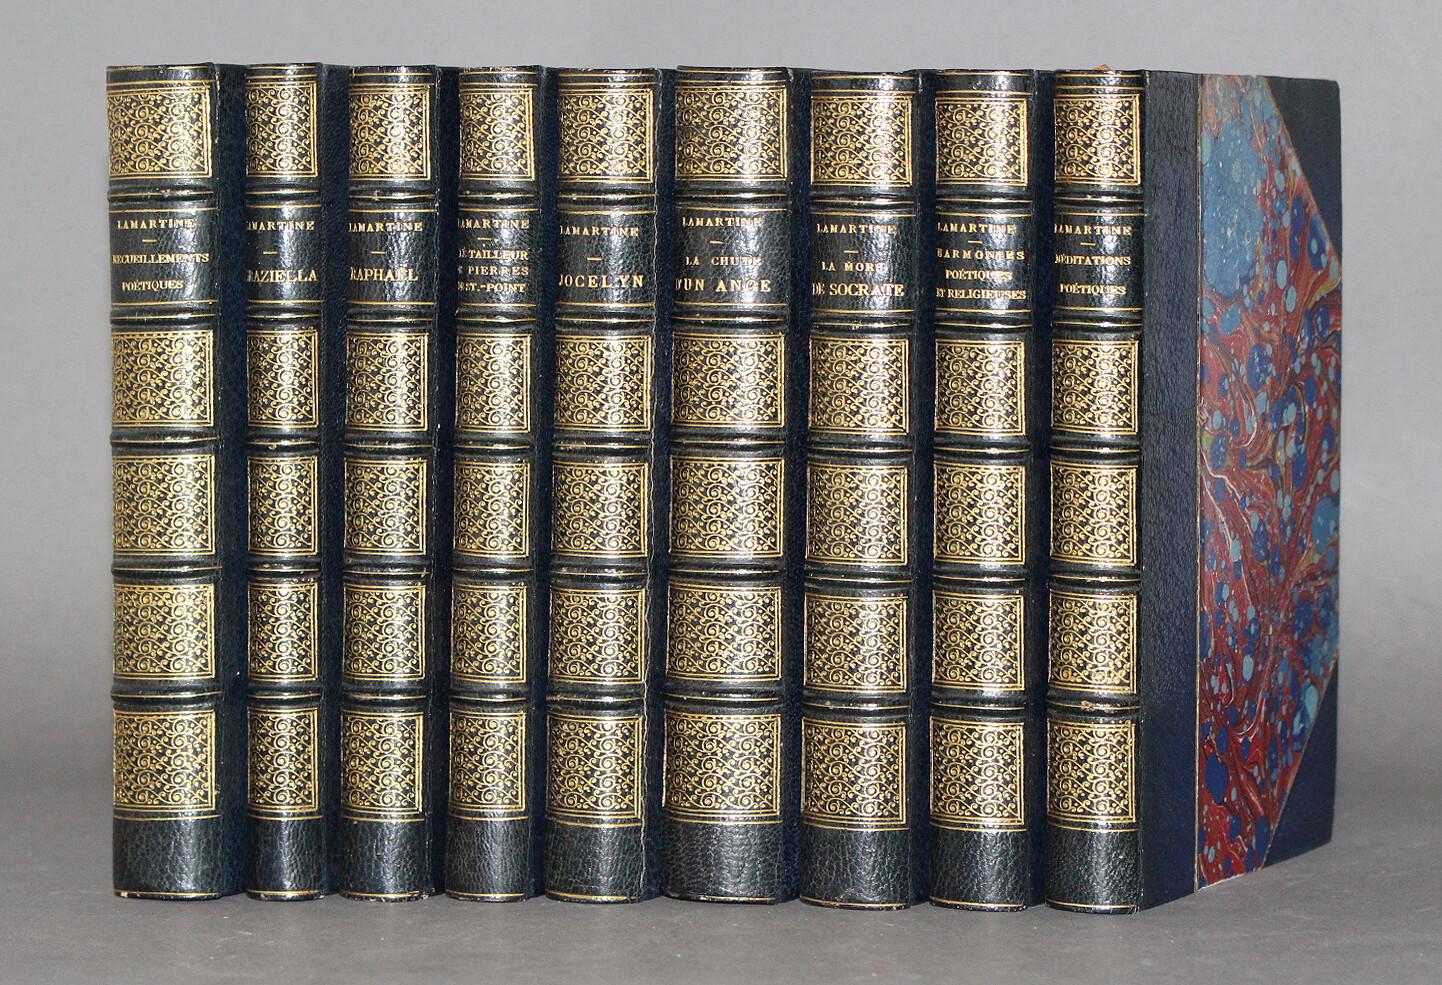 LAMARTINE.- Œuvres poétiques de Lamartine [et Romans], 1875-1882. Bel exemplaire.